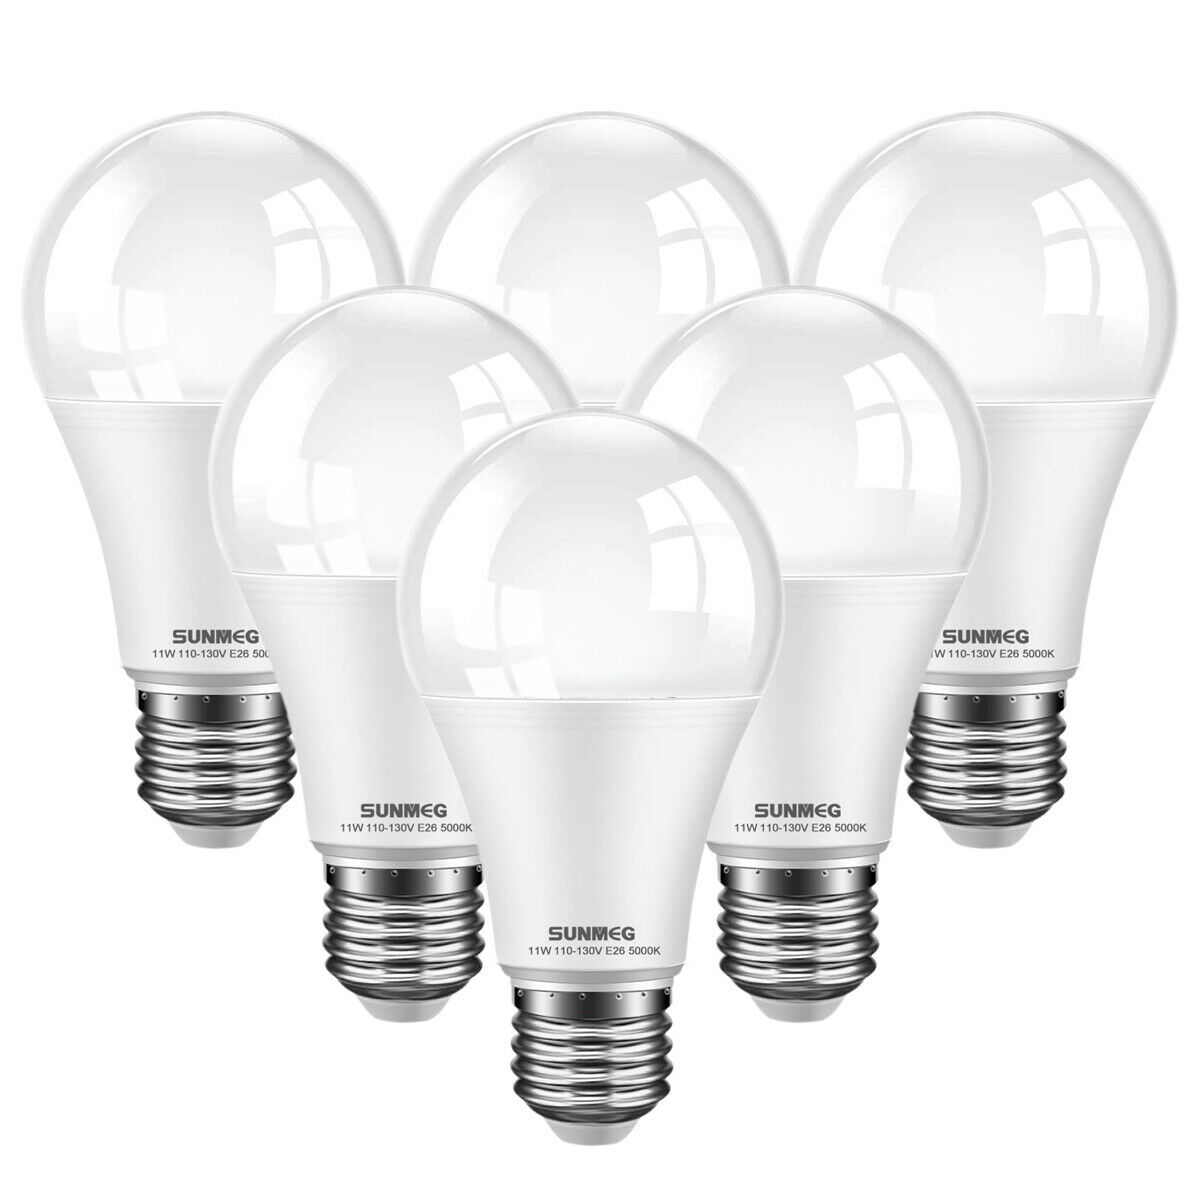 A19 LED Light Bulb, 100 Watt Equivalent , E26 LED Bulbs